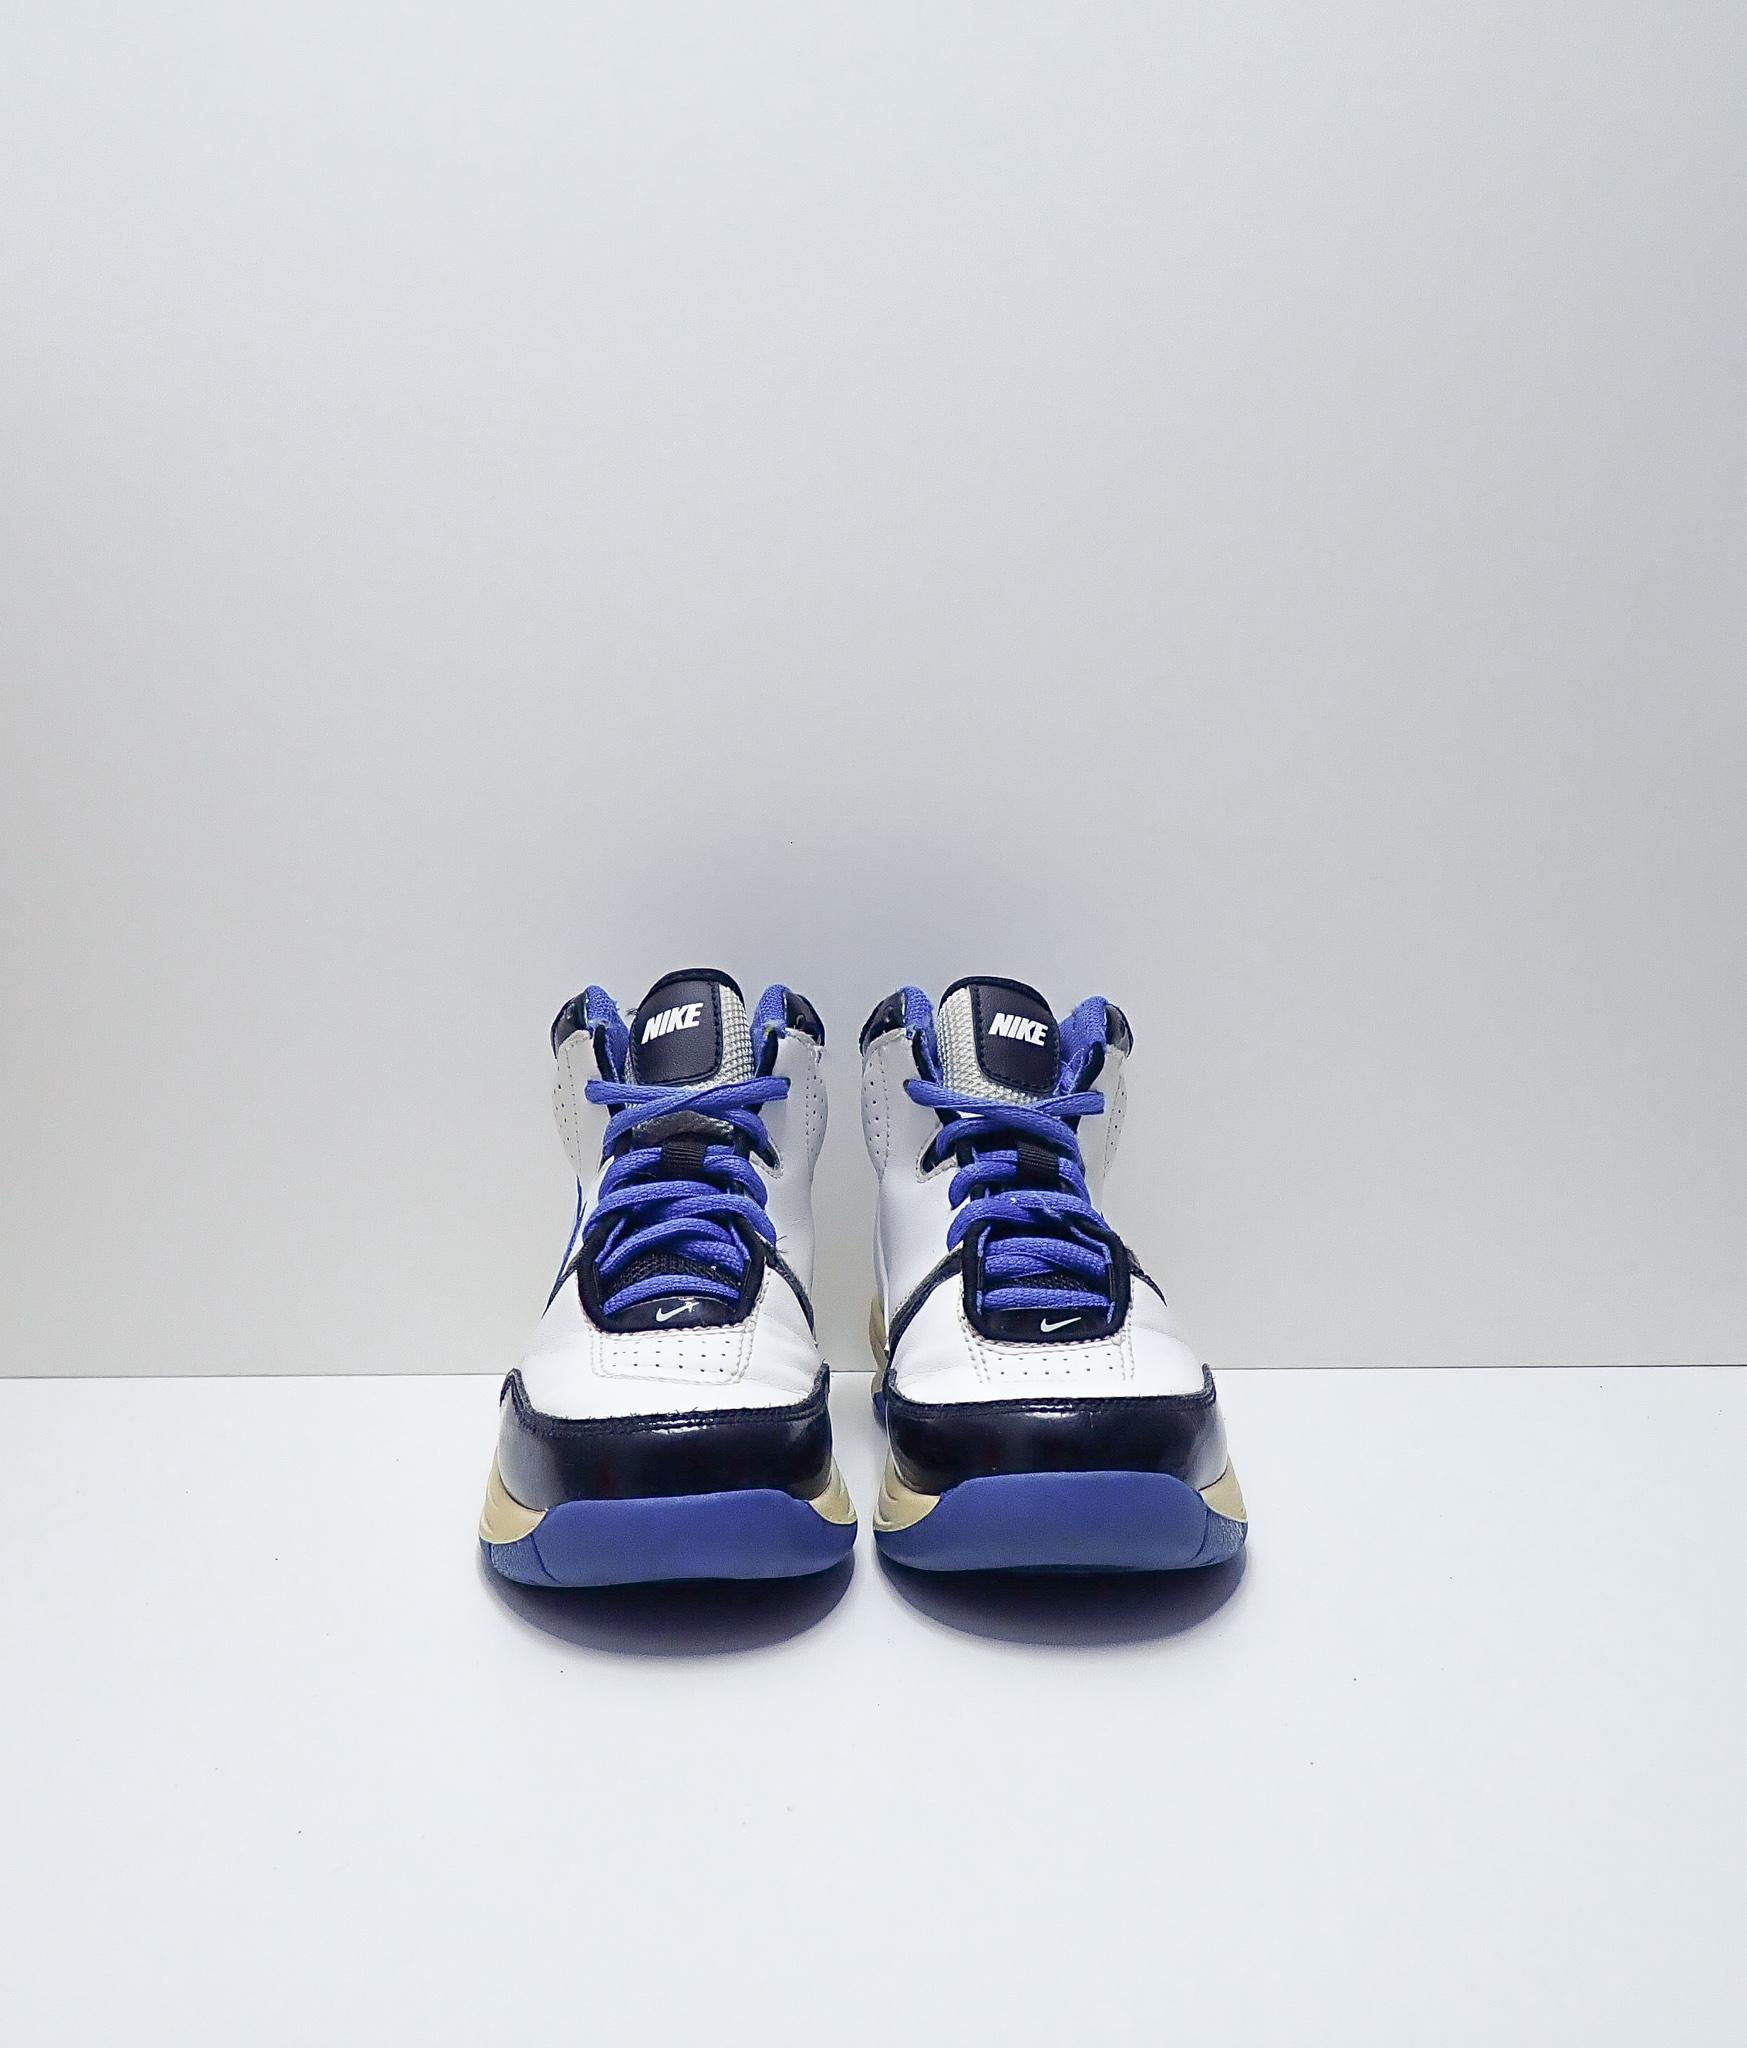 Nike Basketball Shoe Toddler